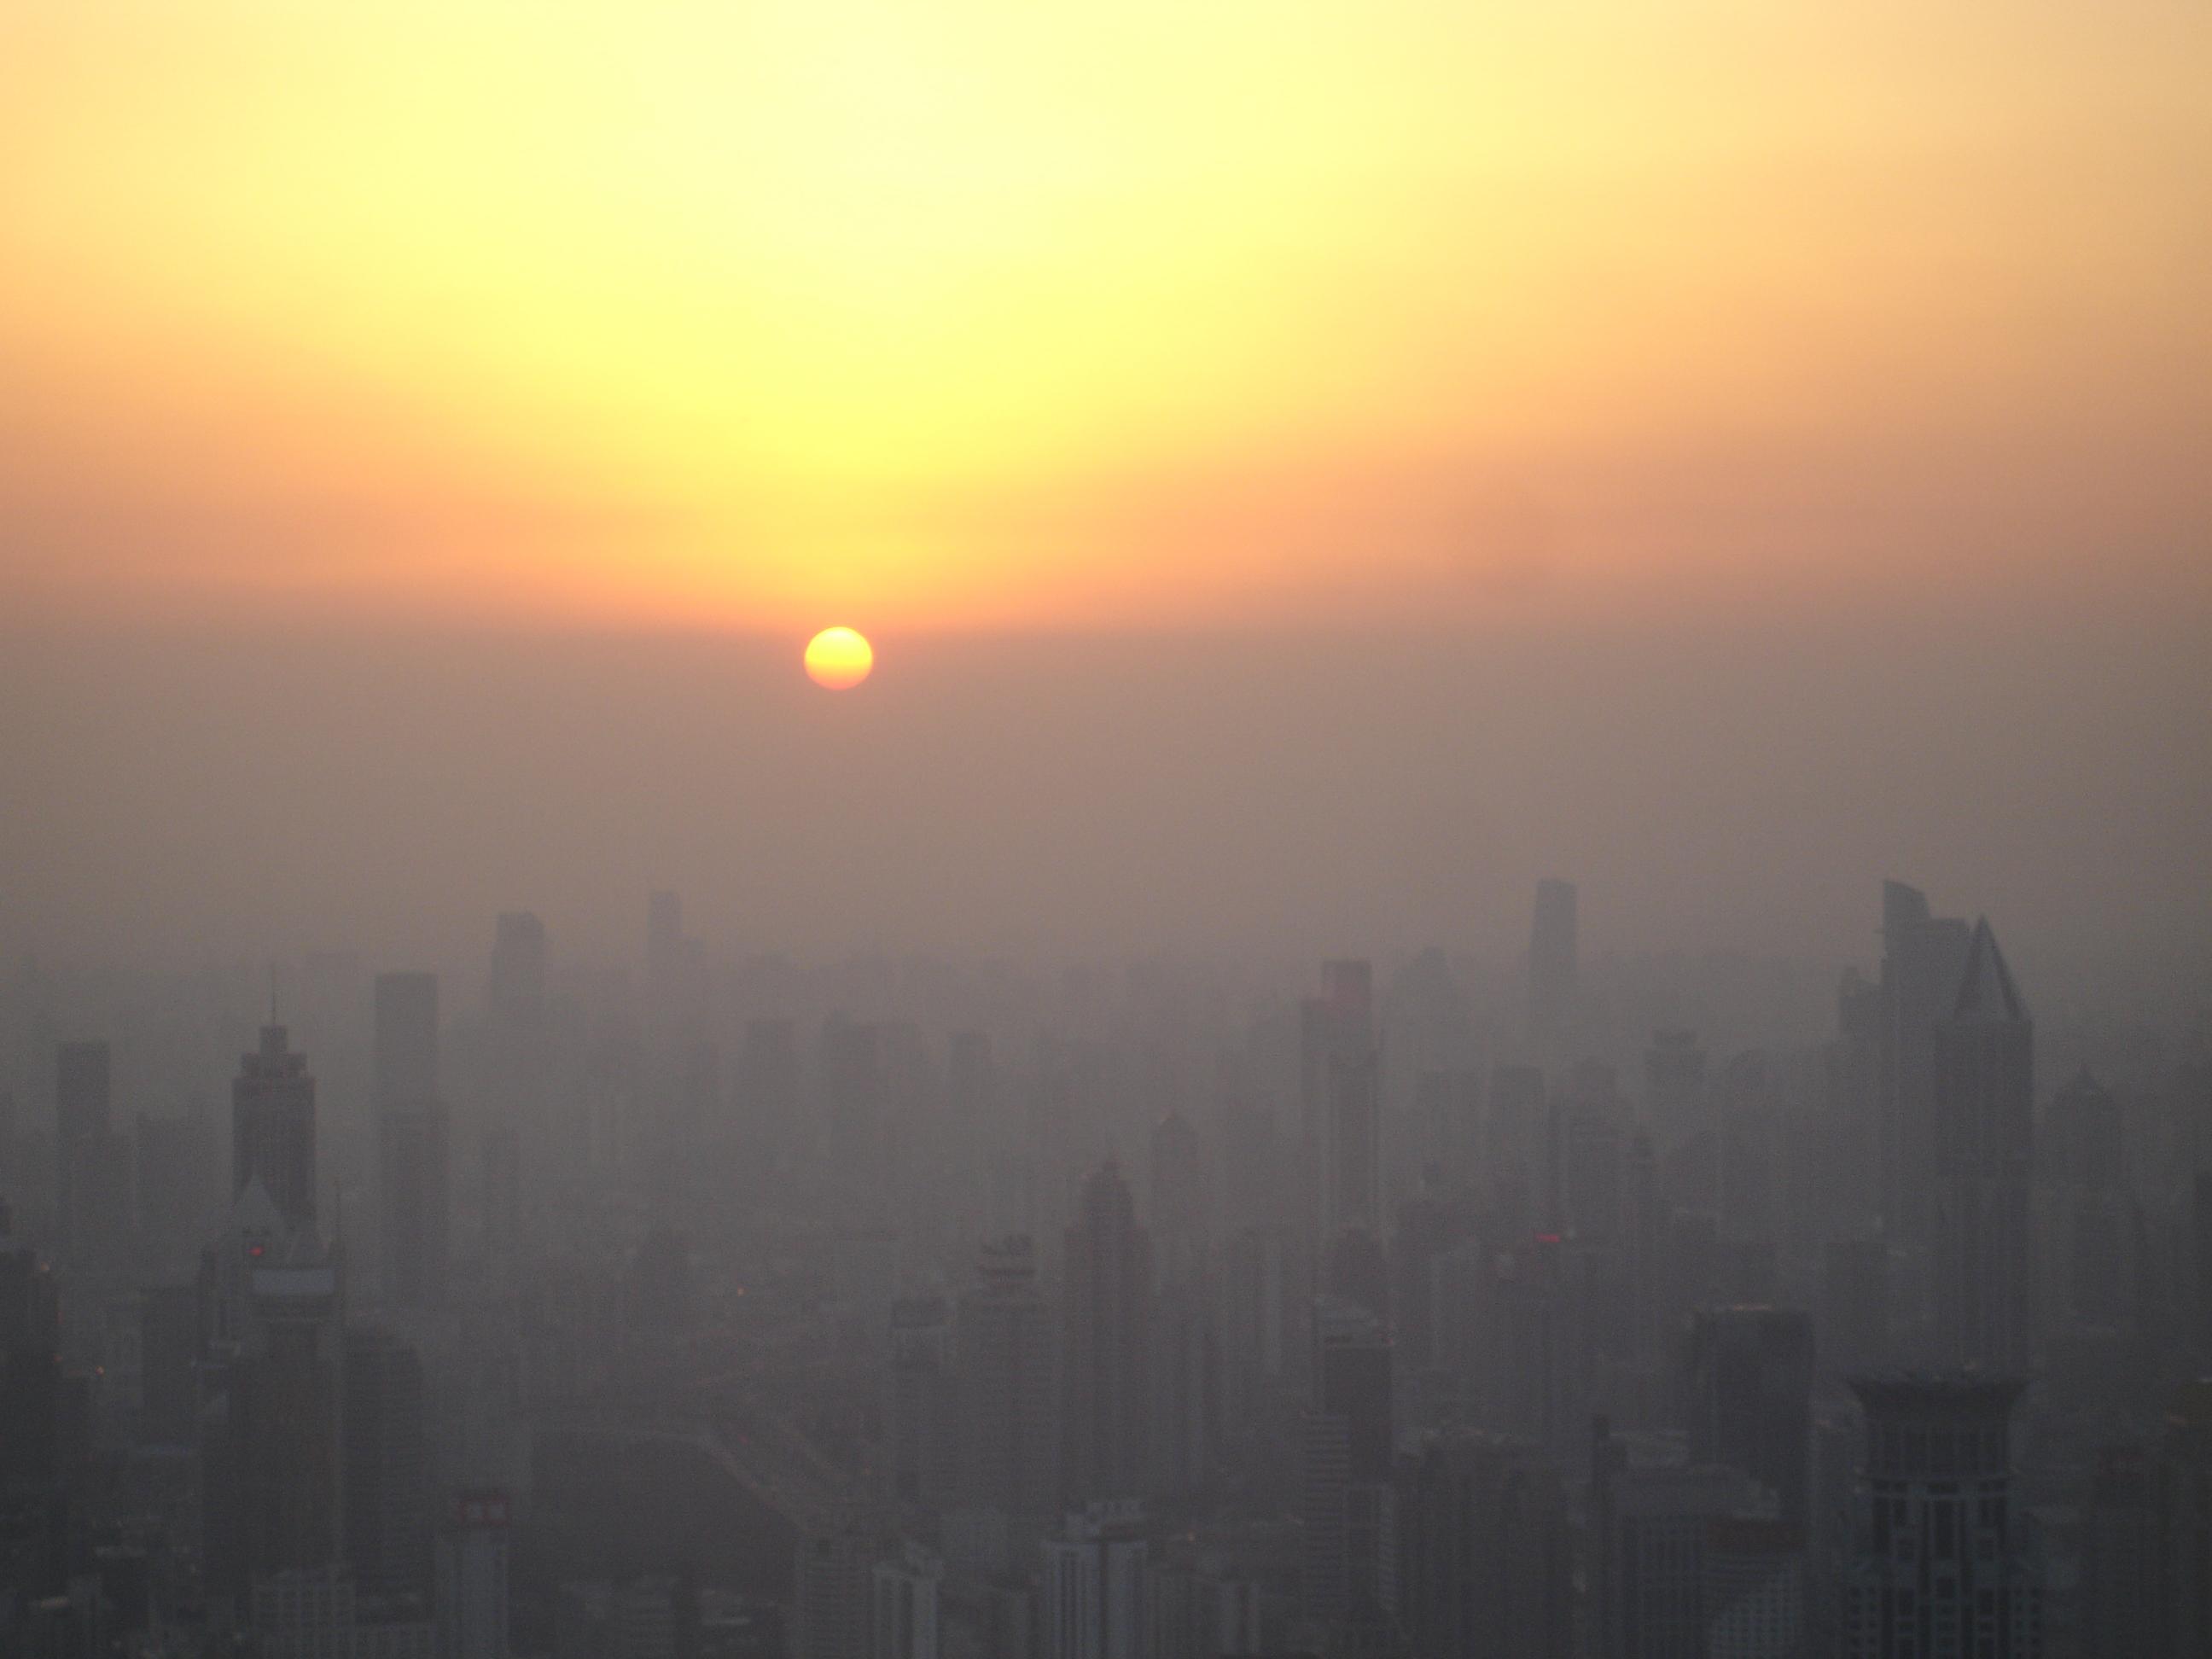 Smoggy air may make daily walk a health hazard